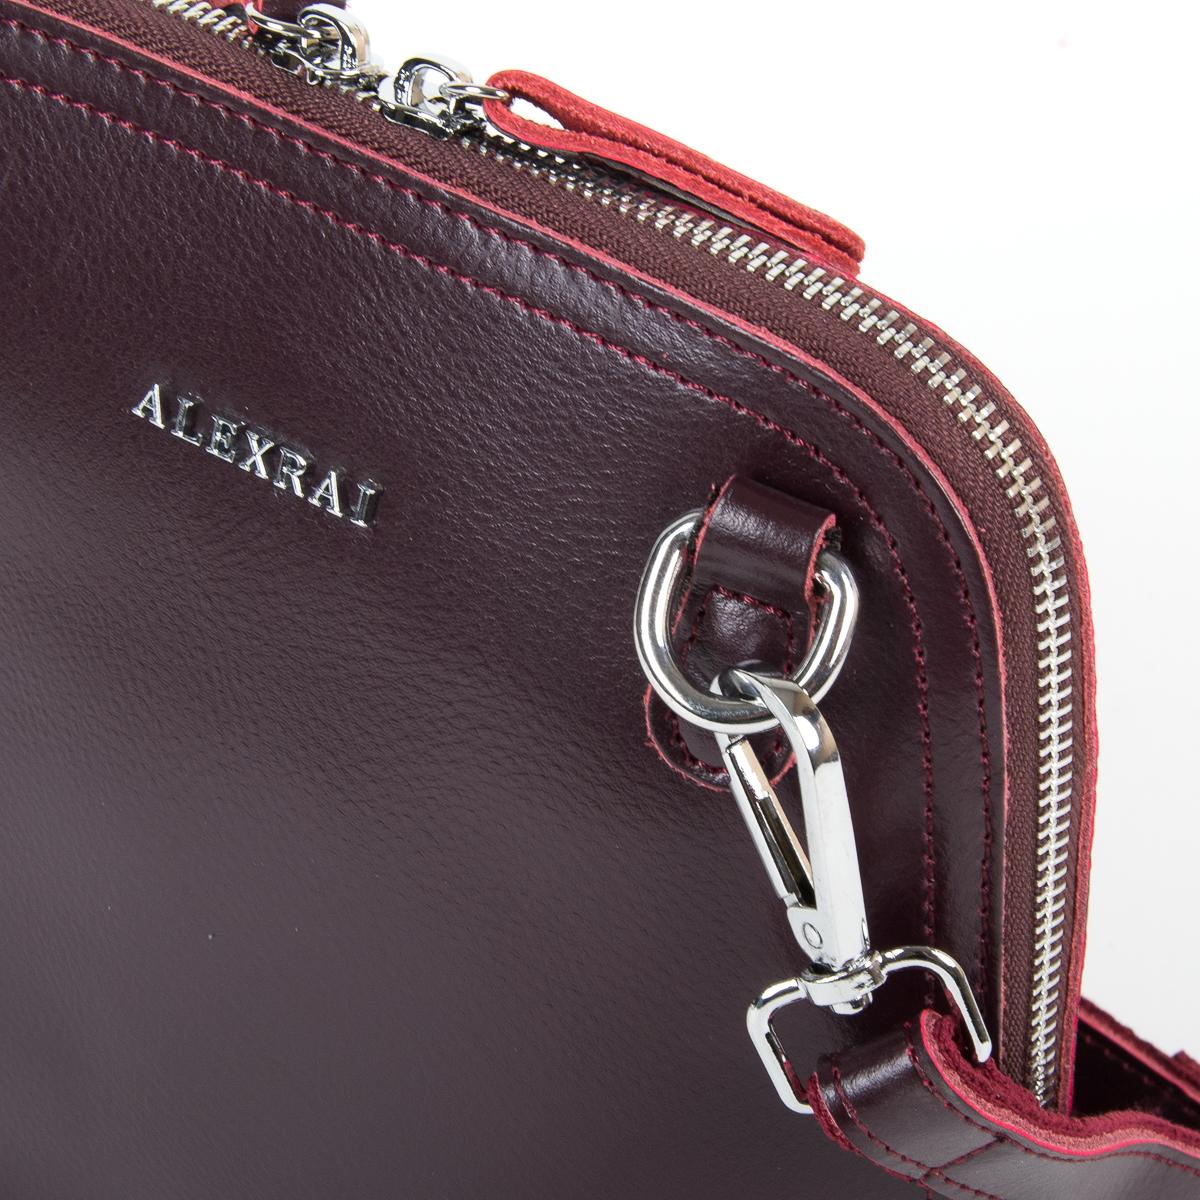 Сумка Женская Классическая кожа ALEX RAI 05-01 8803 burgundi - фото 3